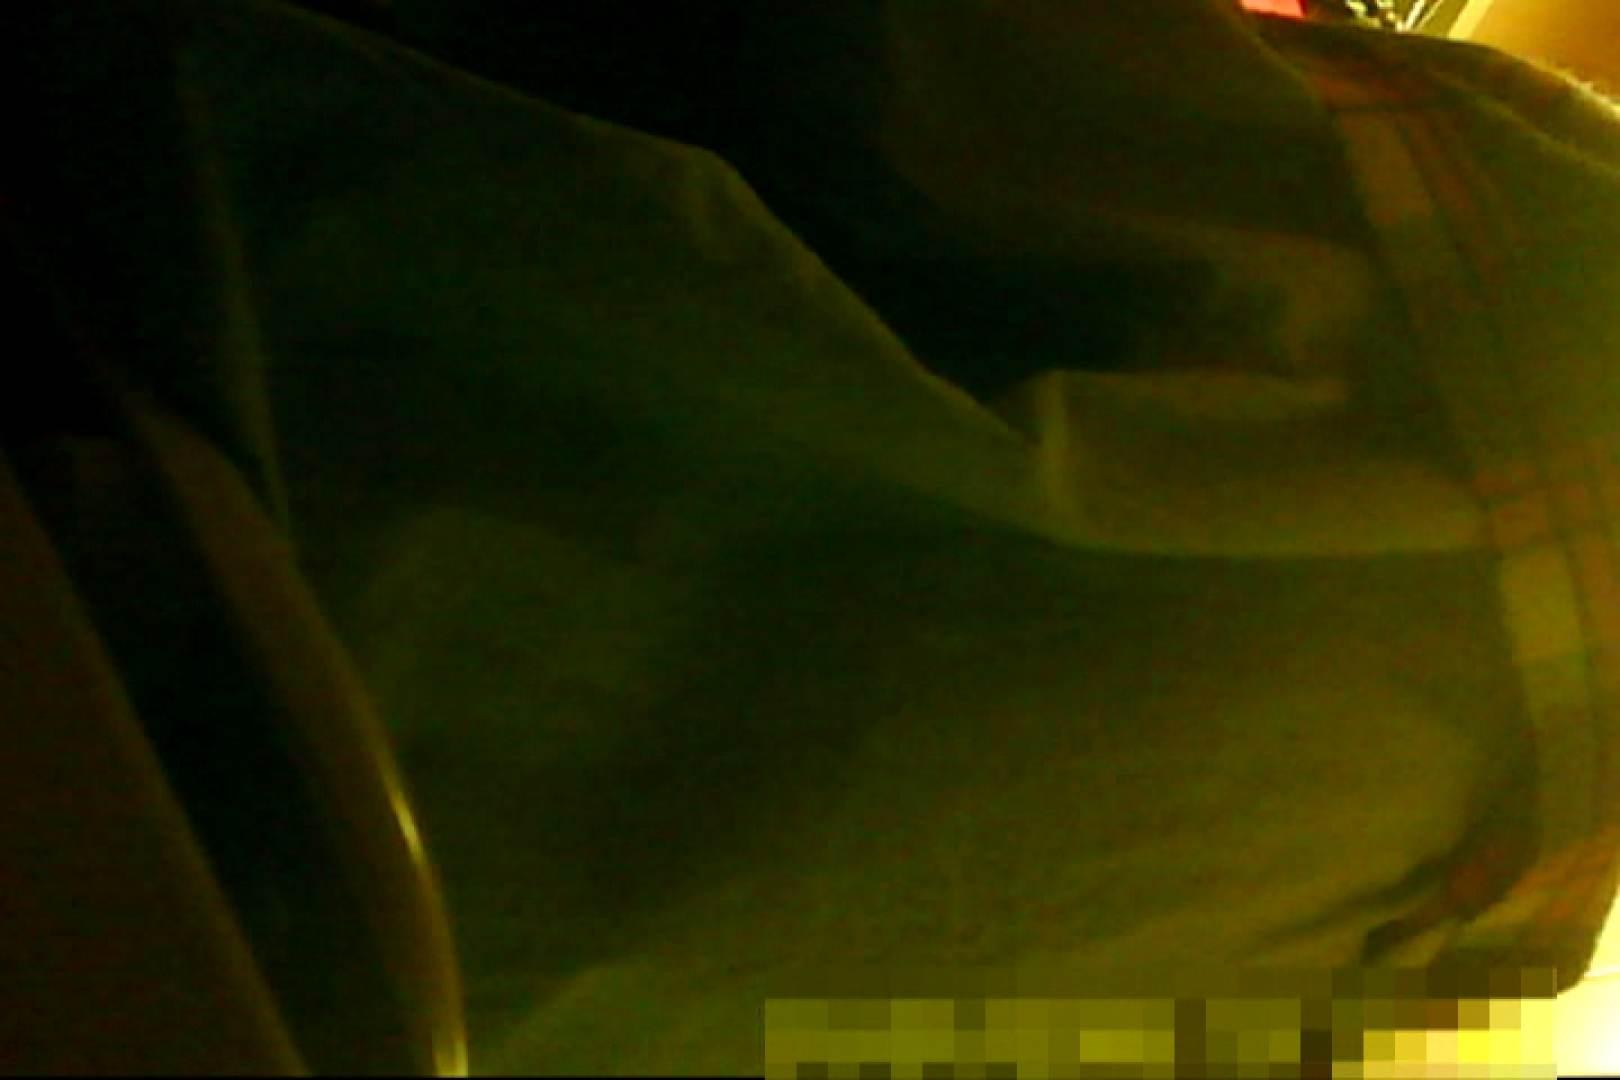 魅惑の化粧室~禁断のプライベート空間~29 プライベート映像 戯れ無修正画像 99pic 20